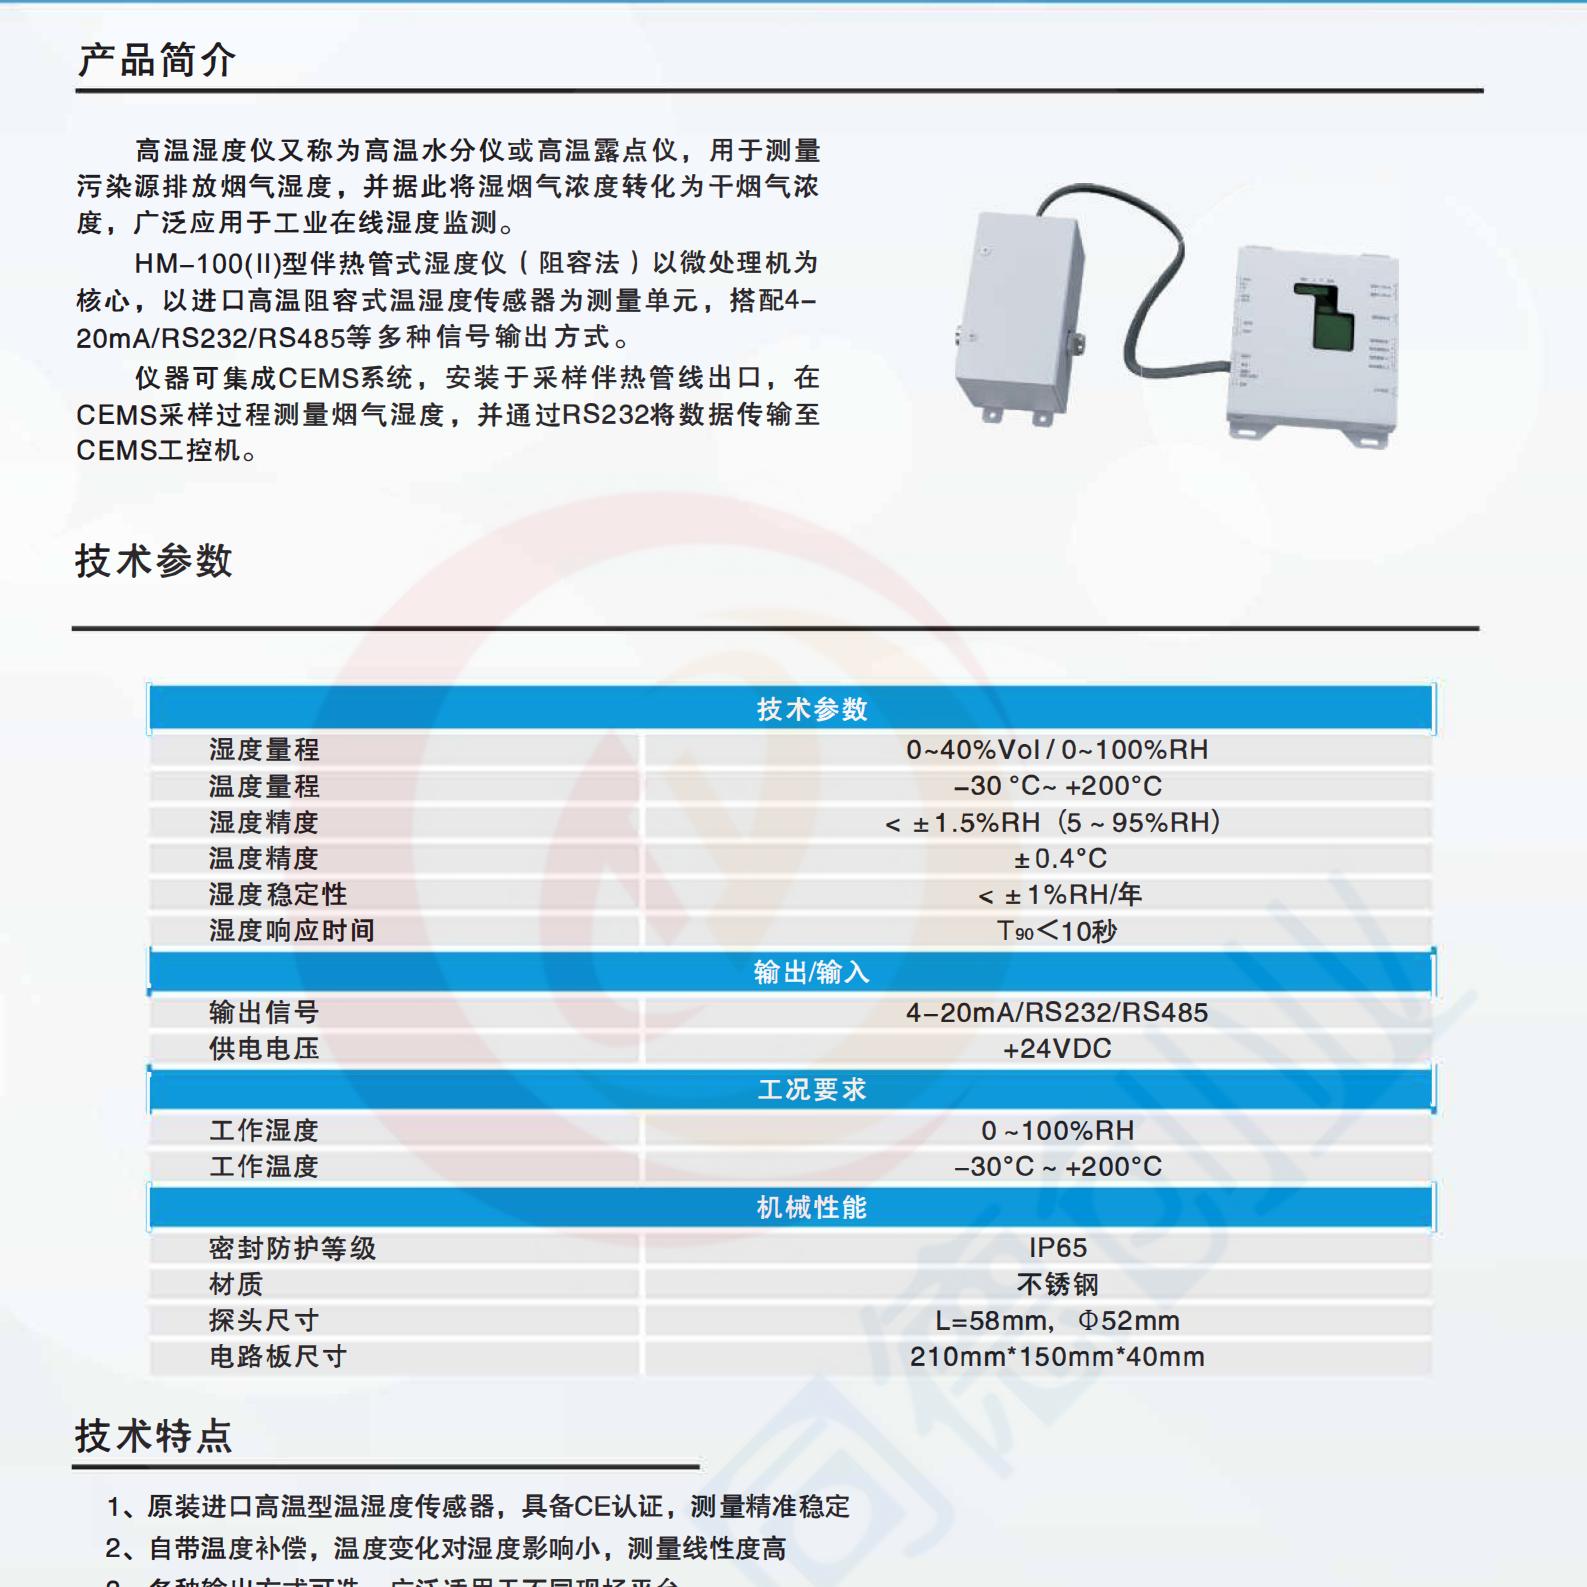 伴热管式阻容法烟气湿度仪